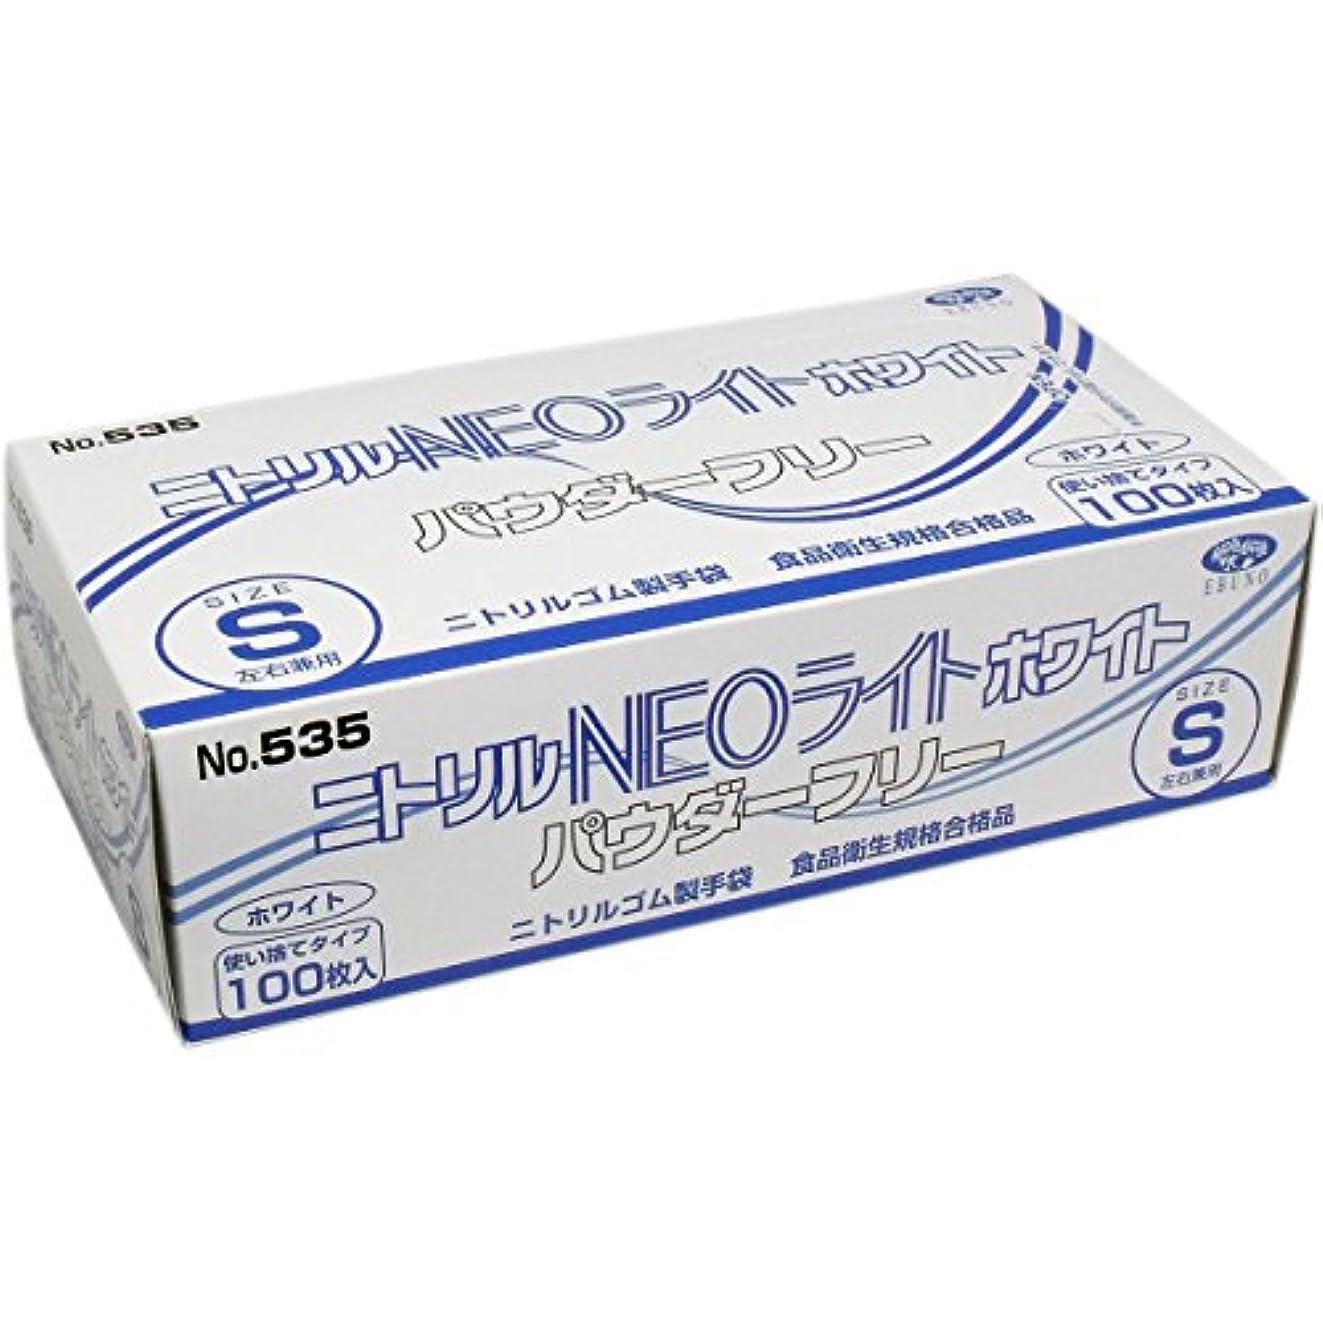 組立オセアニア巻き戻すニトリル手袋 NEOライト パウダーフリー ホワイト Sサイズ 100枚入×2個セット